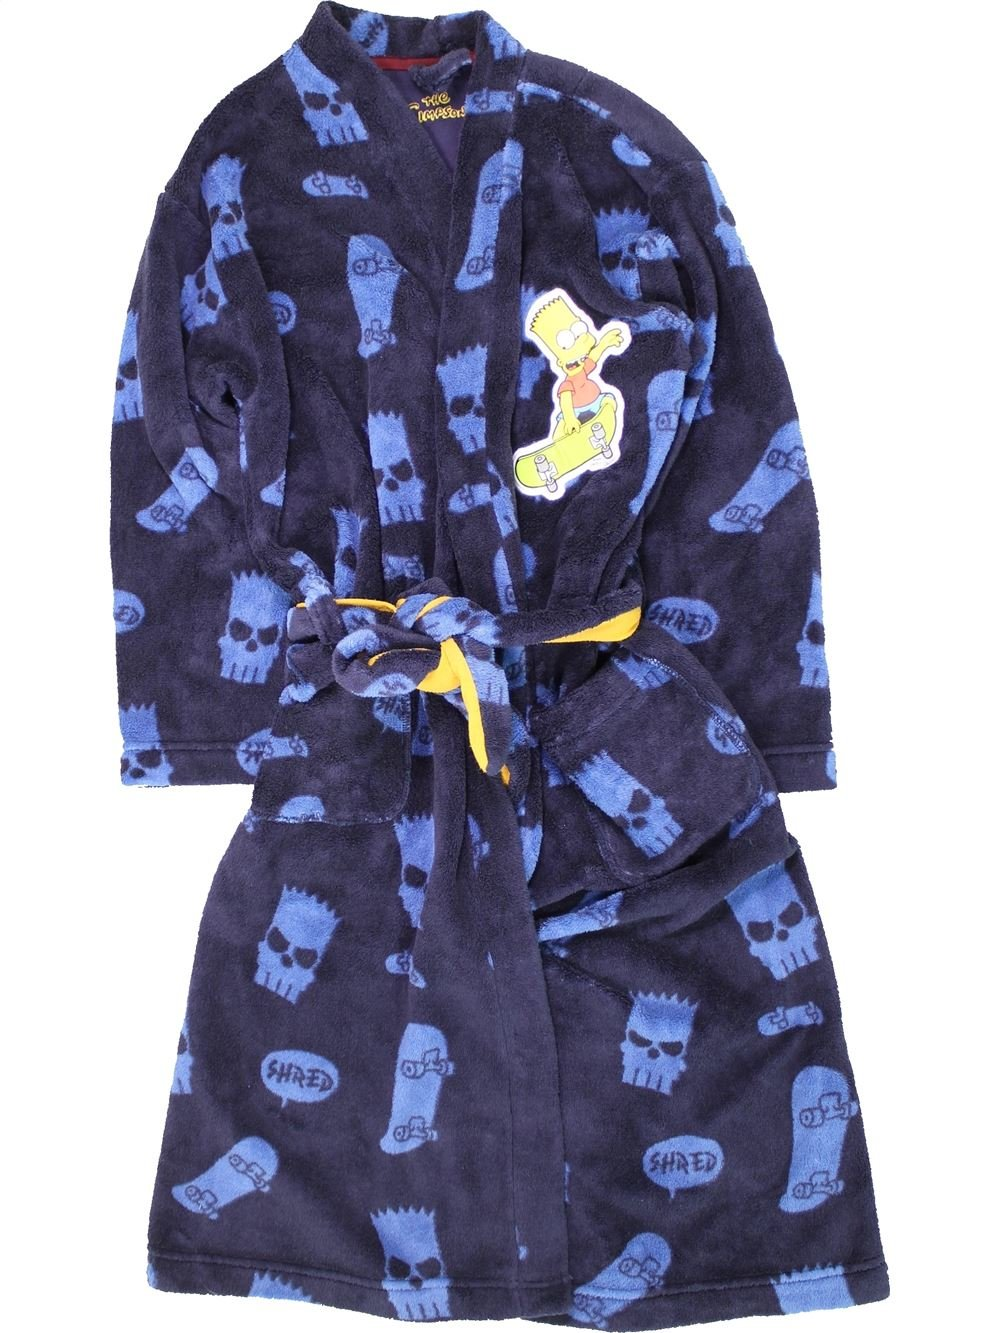 Robe De Chambre Garcon Marks Spencer 12 Ans Pas Cher 7 99 1426669